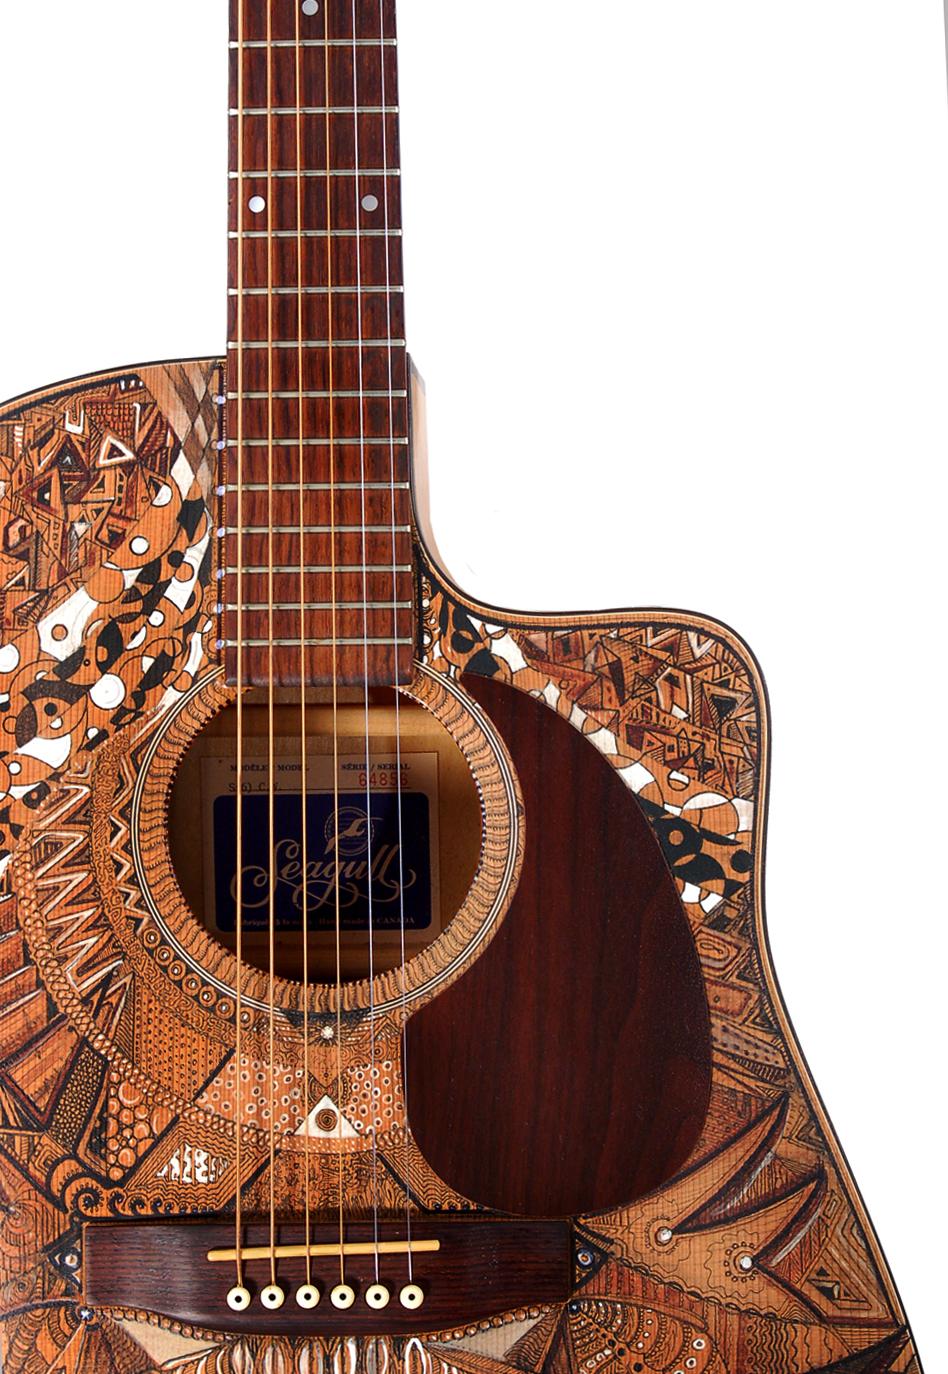 rons-guitar-frontcloseup1.jpg